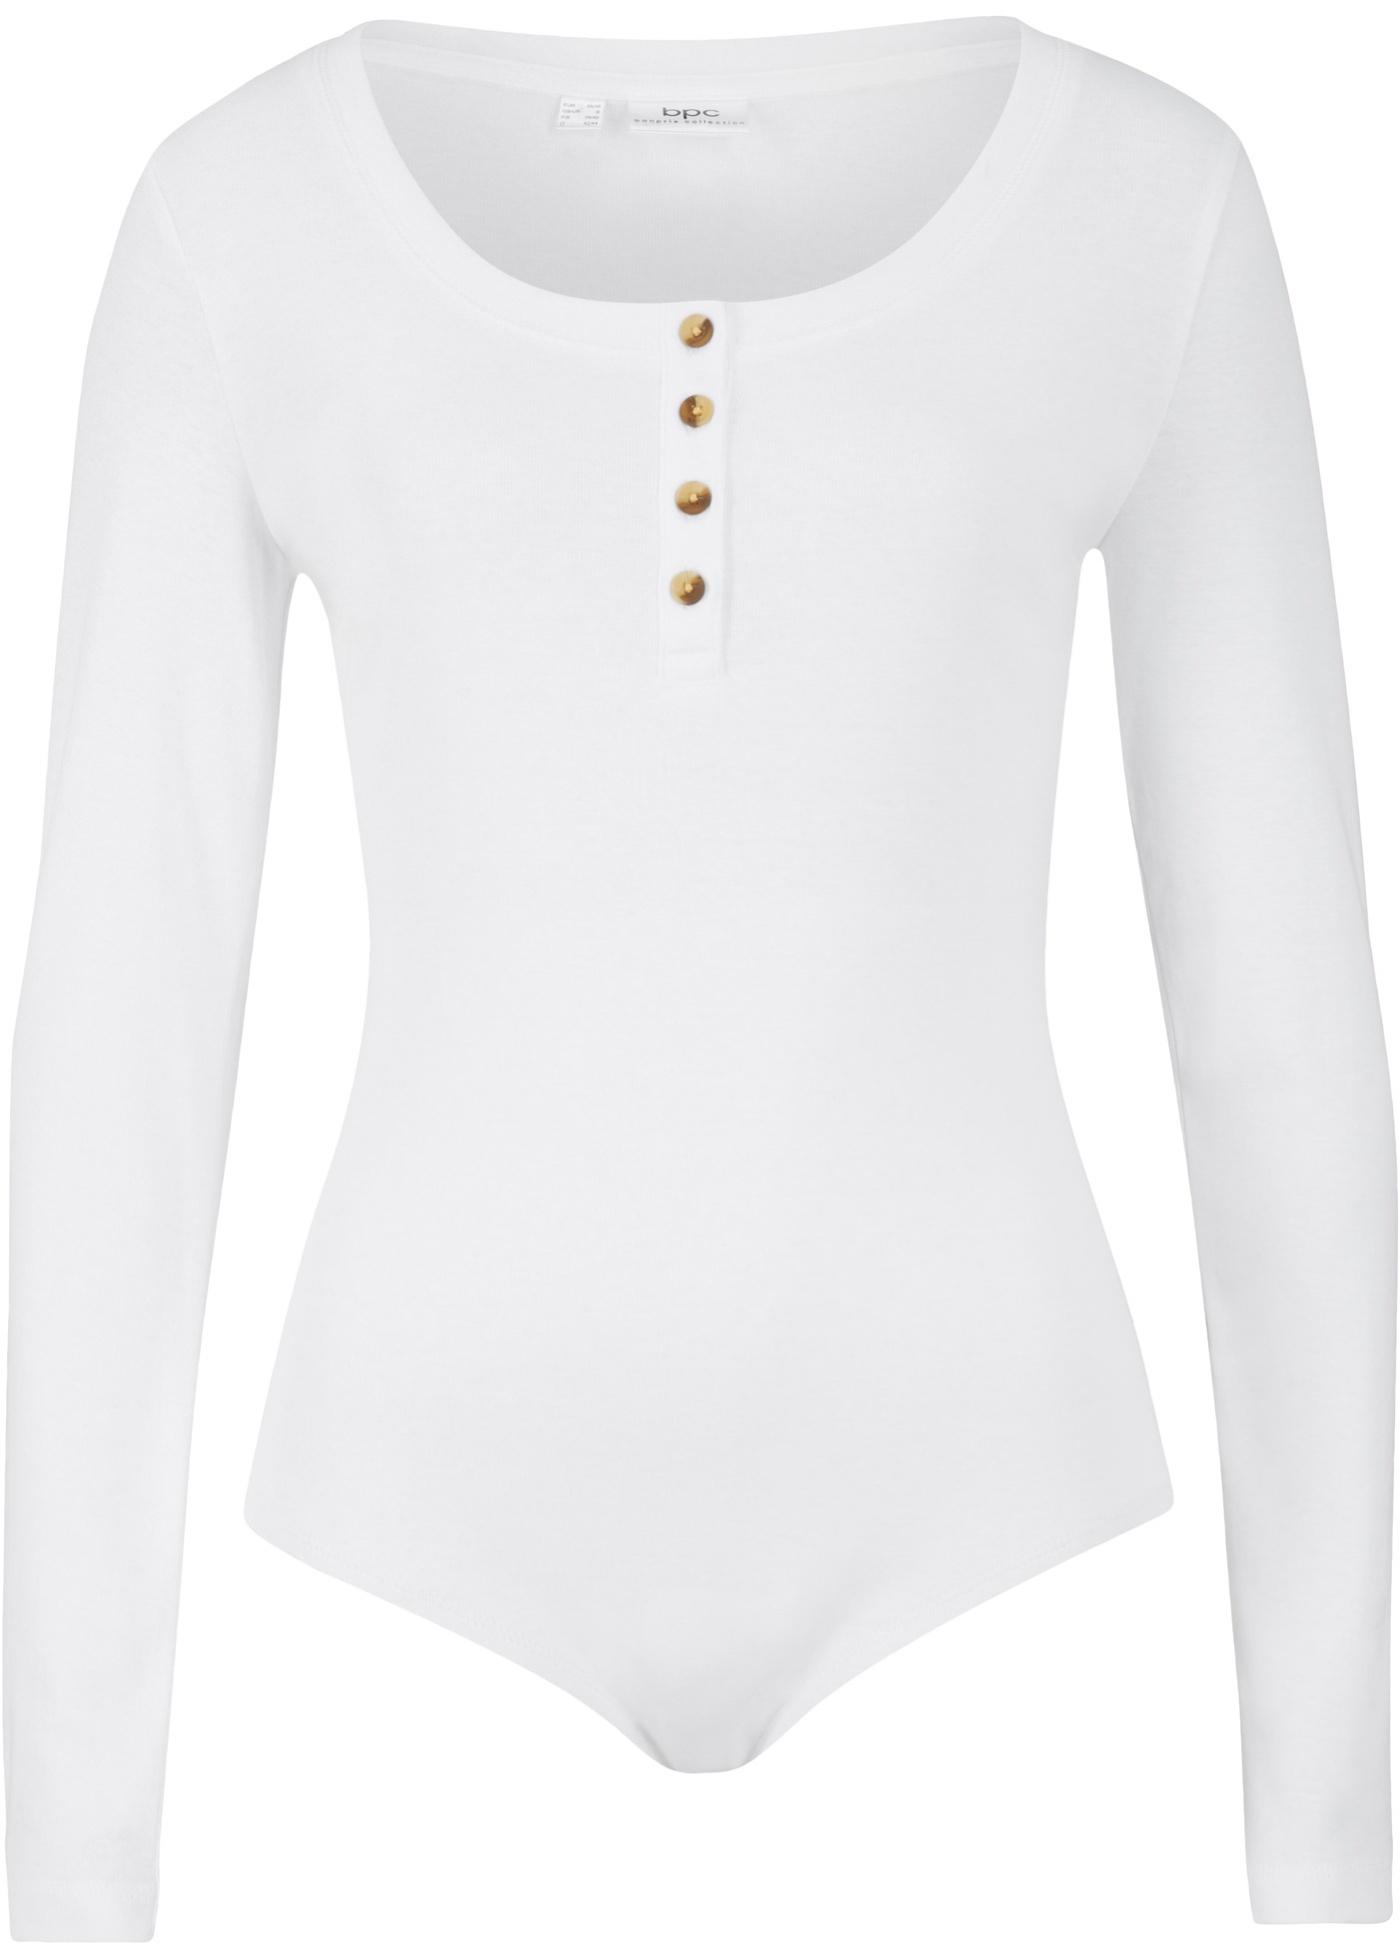 Body mit Knopfleiste langarm  in weiß für Damen von bonprix